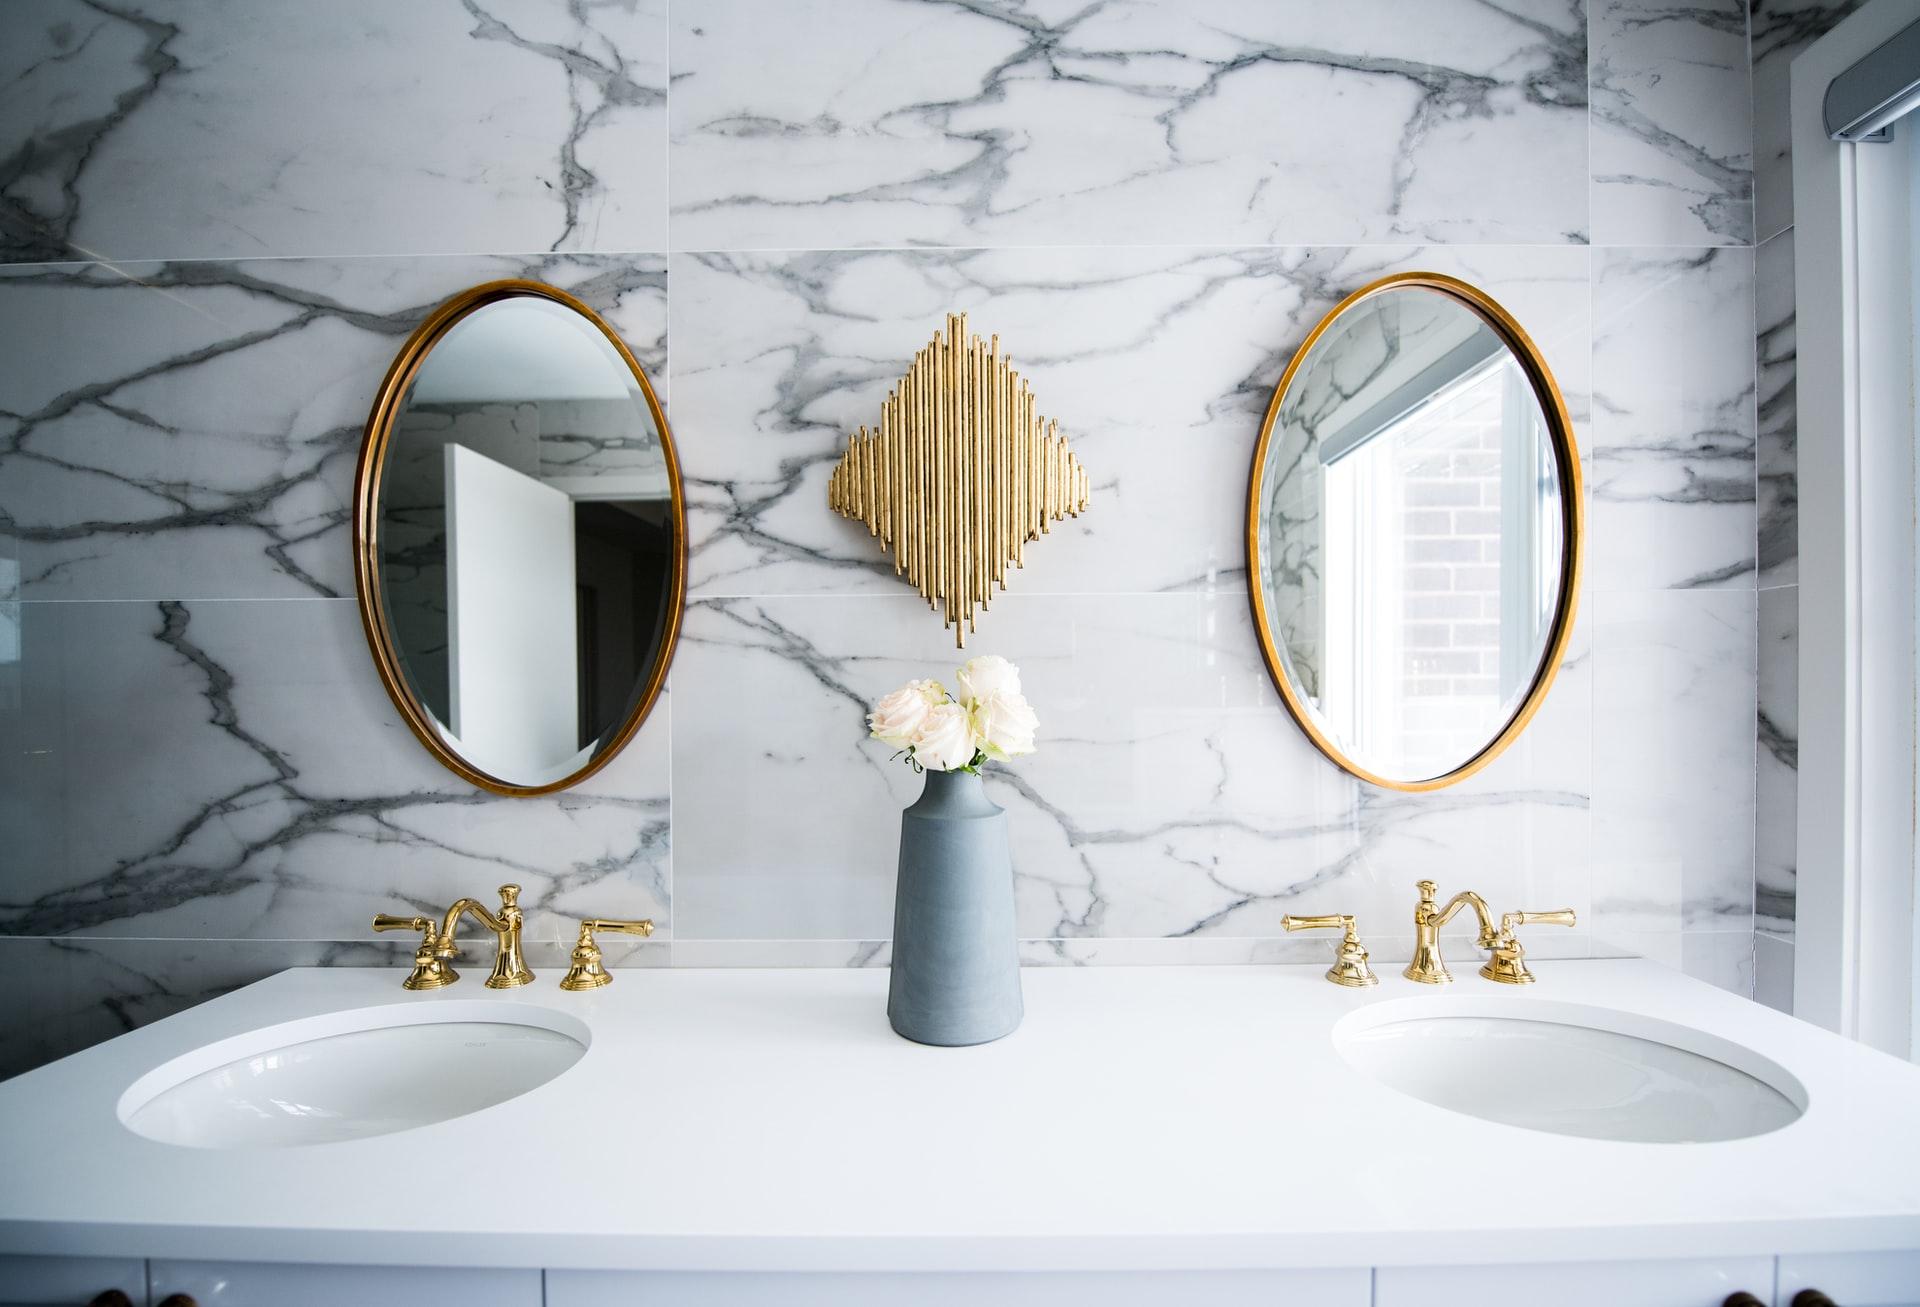 Łazienka ze ścianami wyłożonymi marmurem